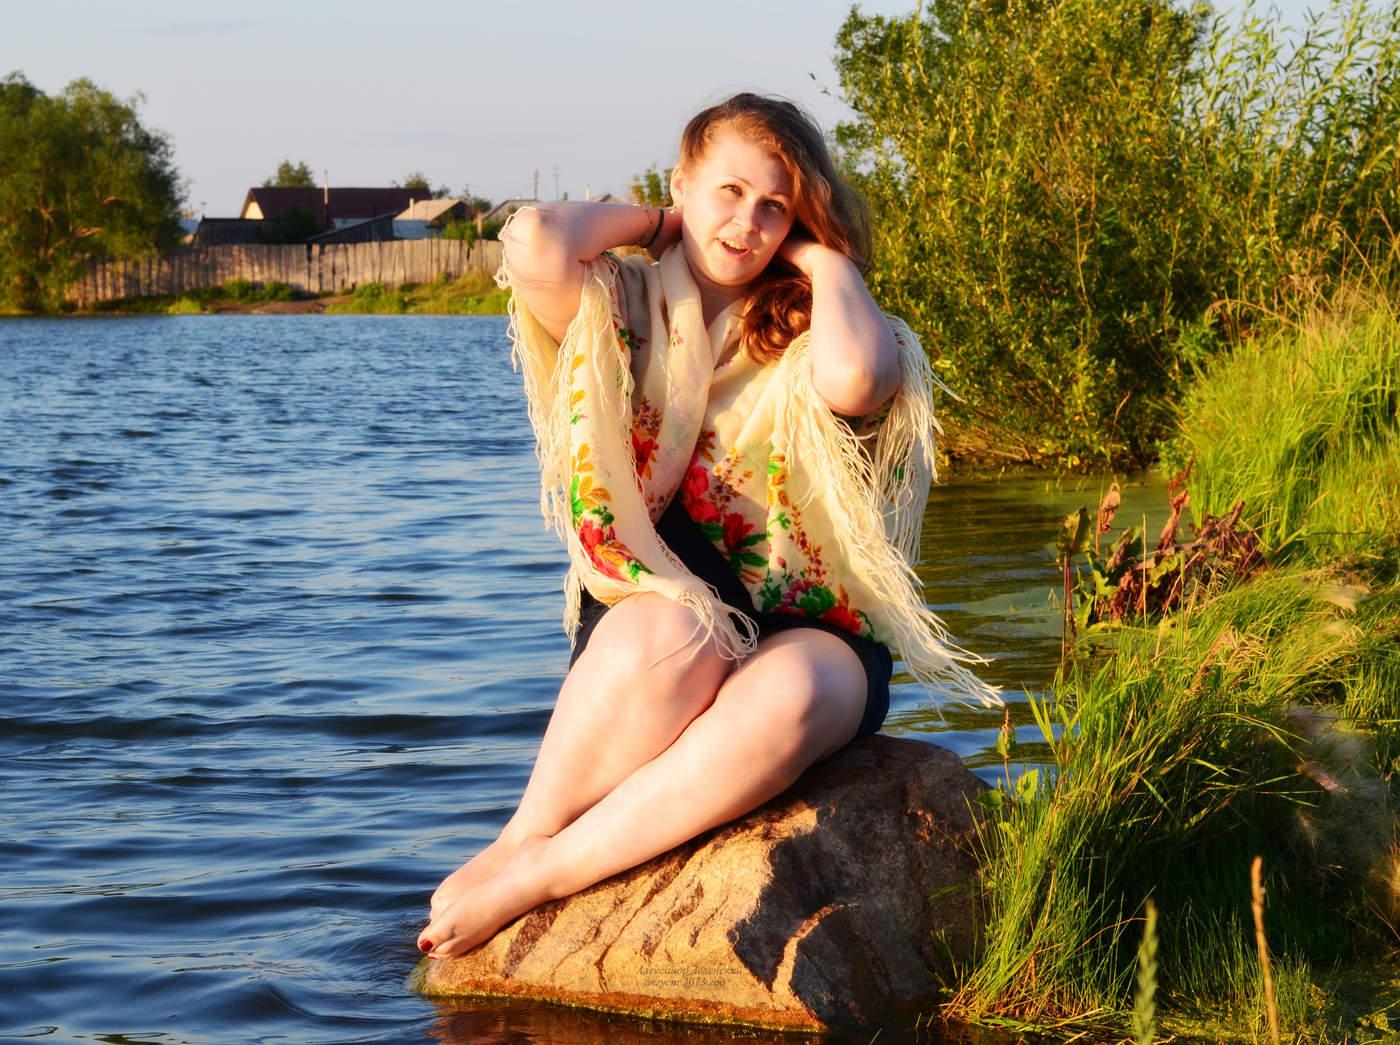 Фото русских блядей на природе, Трах на природе и частные обнаженные фото - секс 6 фотография